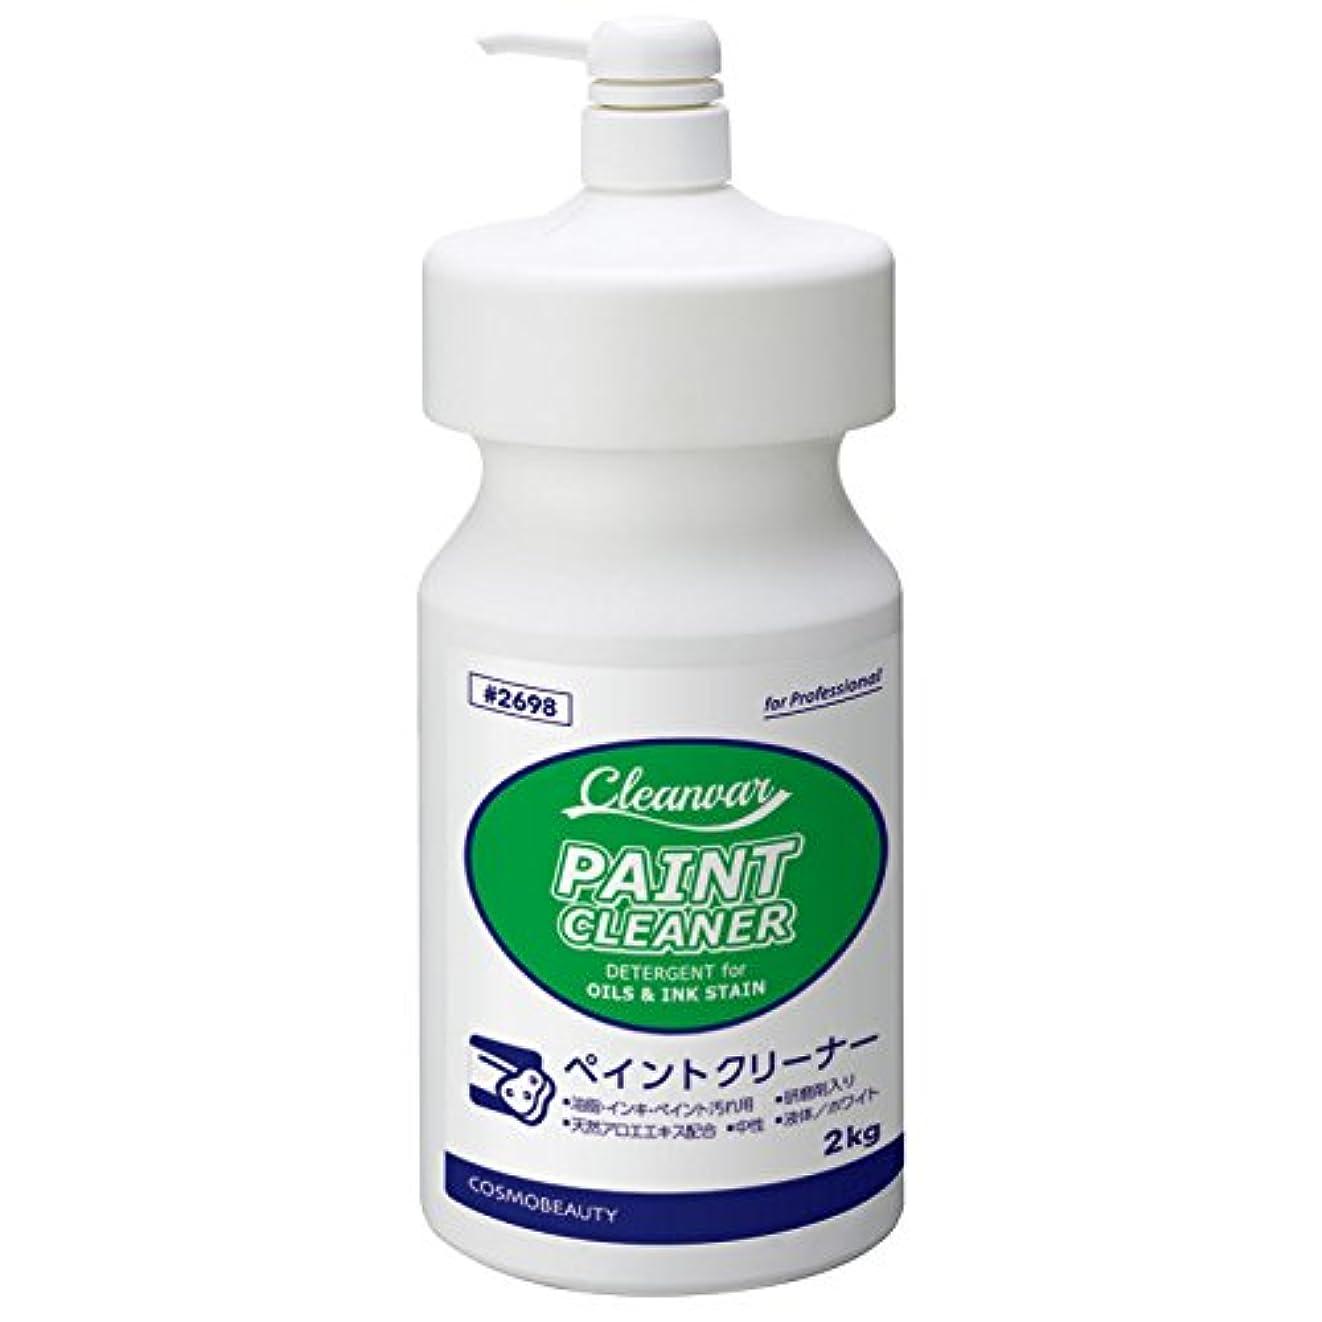 コスモビューティー 業務用ペンキ落とし洗剤 ペイントクリーナー(旧名:アロエペイントクリーナー)2kg 2698